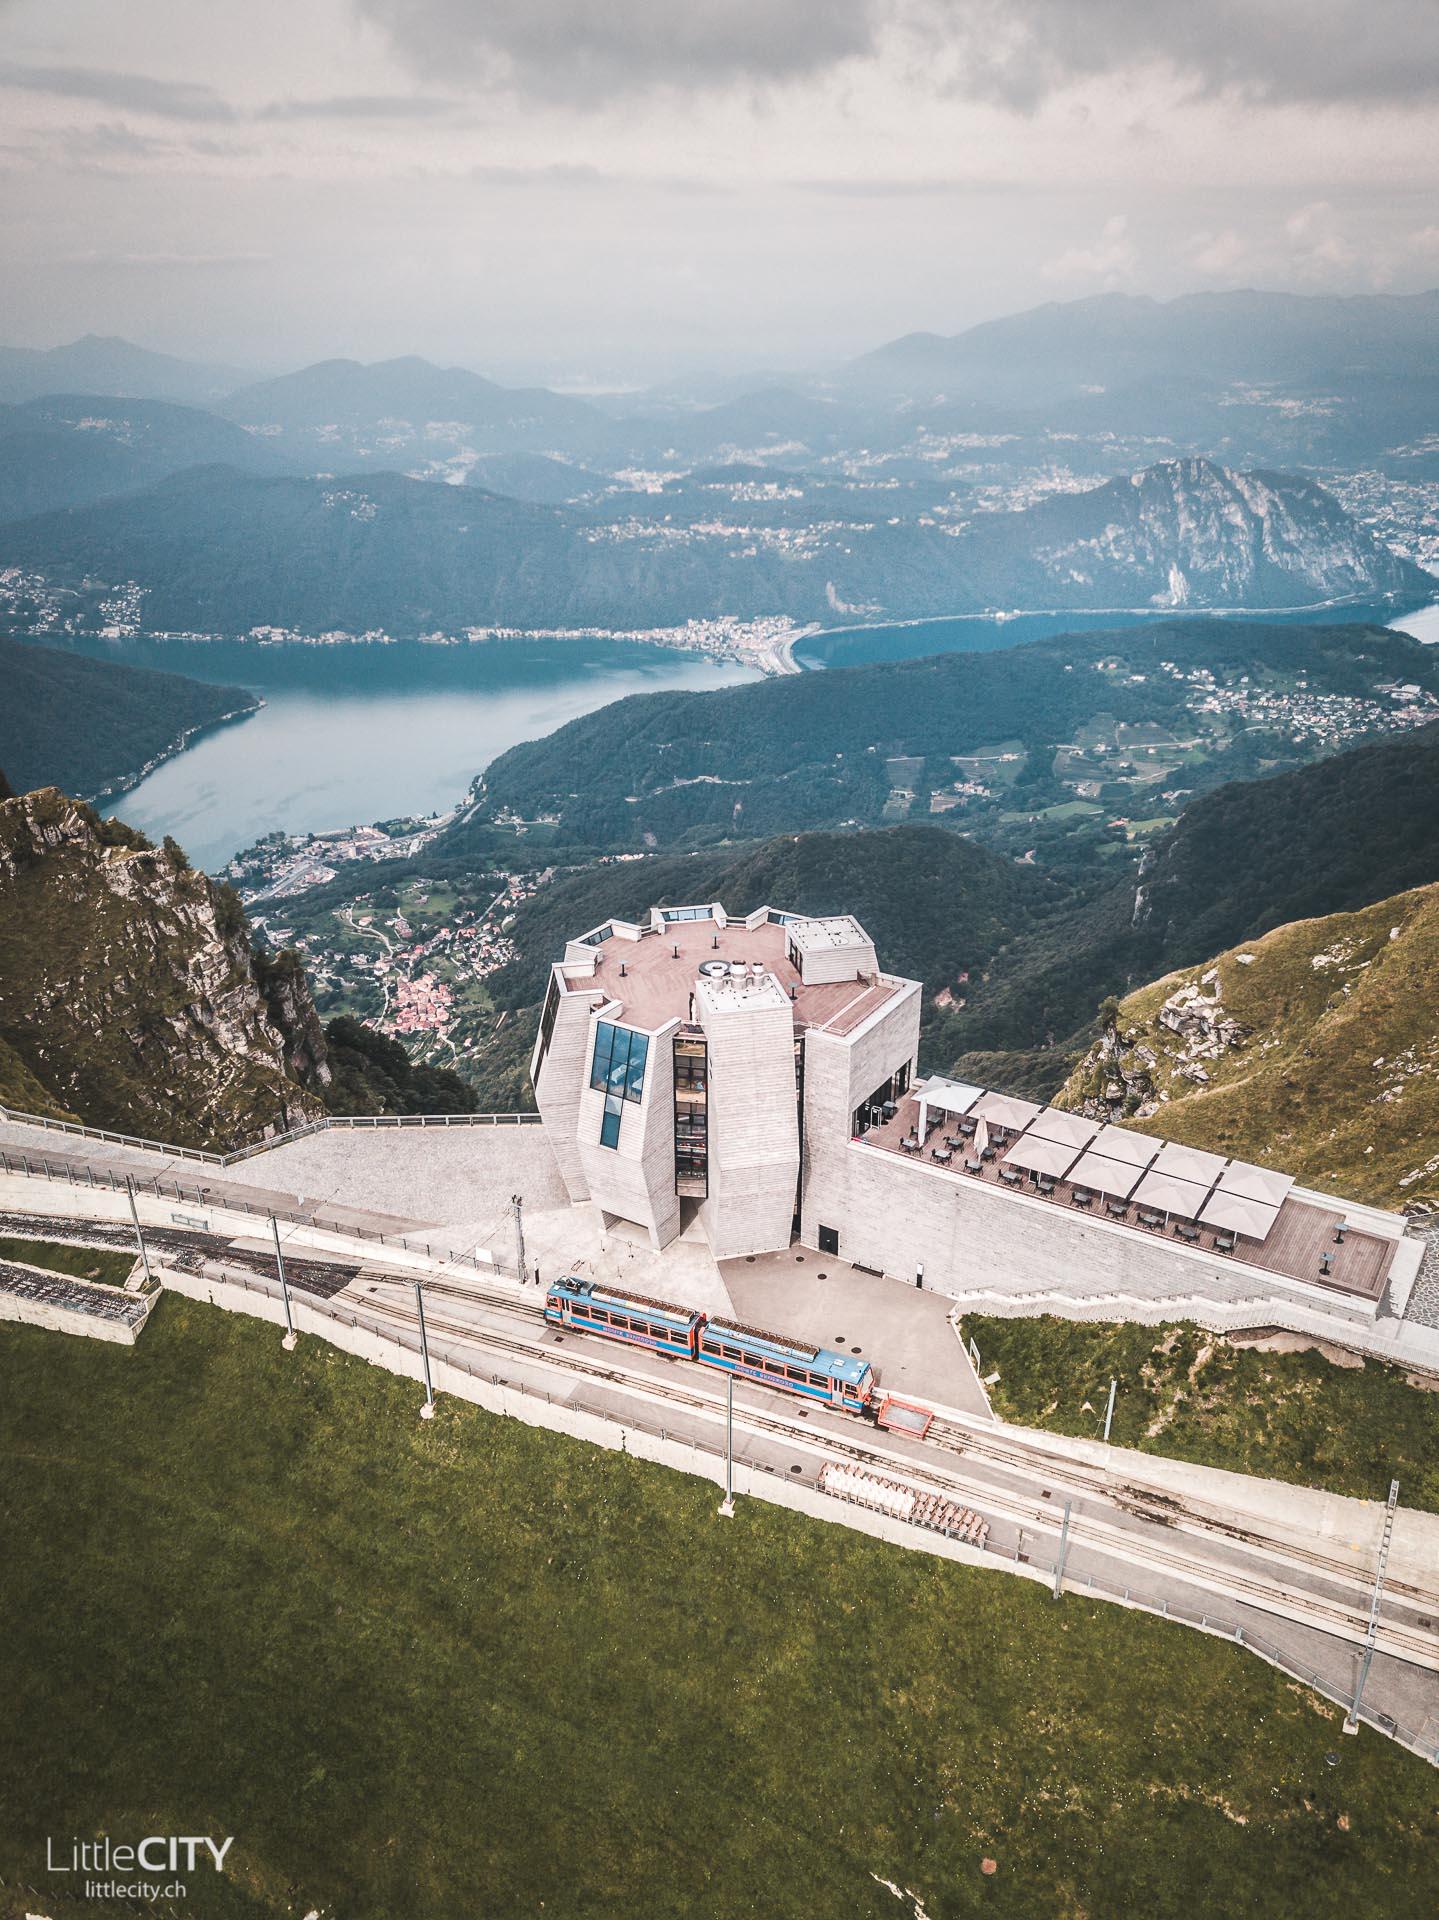 Monte Generoso Fiore di Pietra Mario Botta